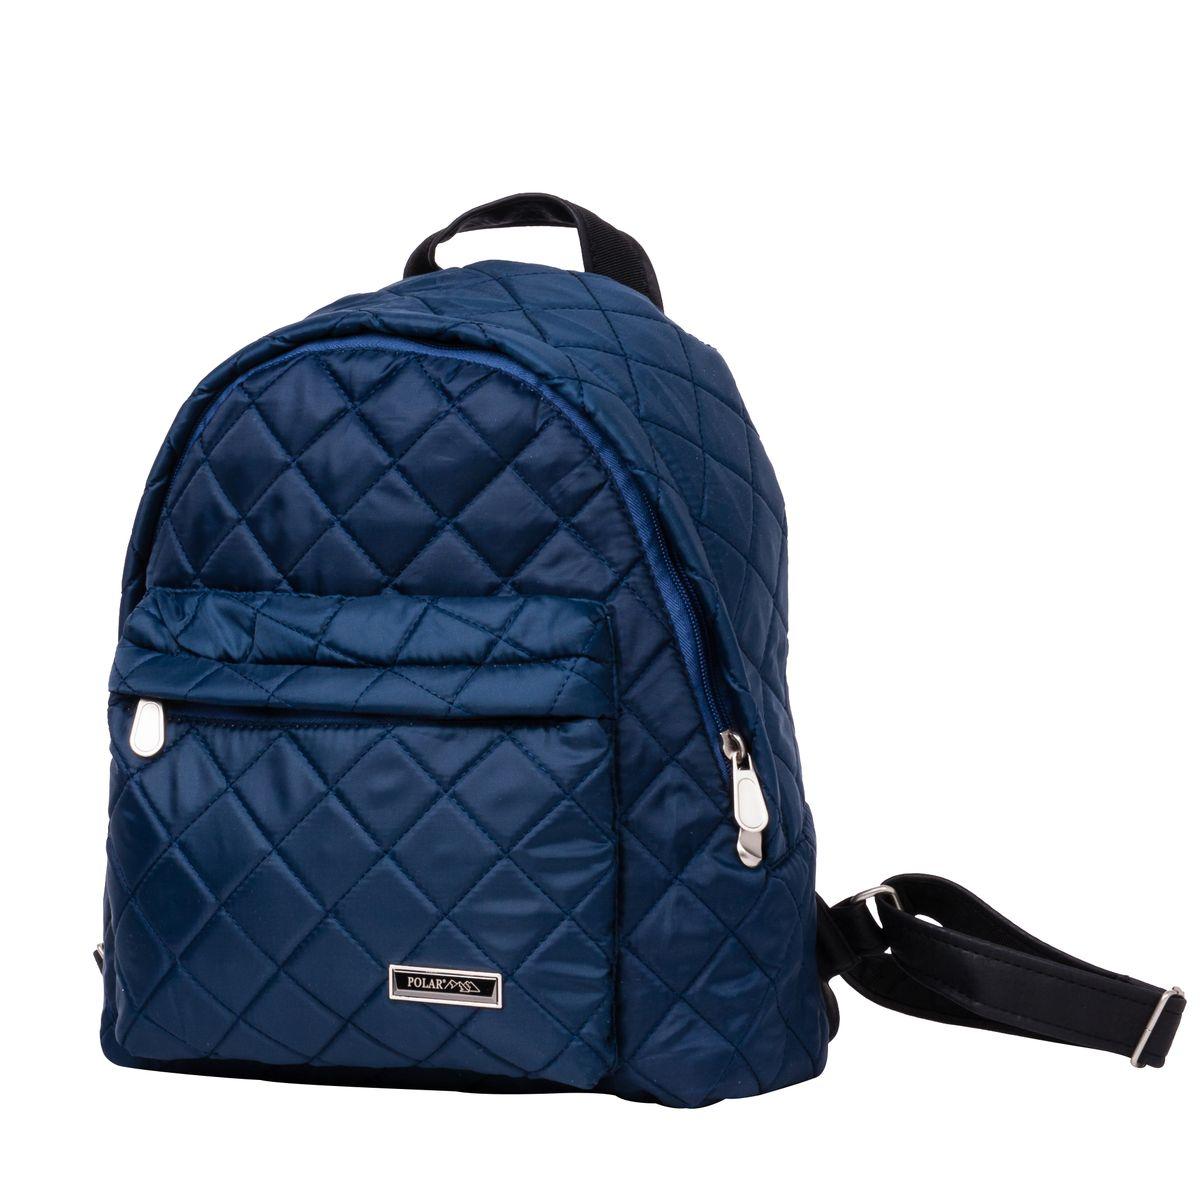 Рюкзак городской Polar, цвет: синий, 16 л. п7074-04BP-001 BKНебольшой и очень удобный рюкзак Polar для повседневного использования. Внутри расположены два небольших открытых кармана и карман на молнии. Снаружи на передней стенке рюкзака вместительный накладной кармана на молнии. Рюкзак выполнен из стеганого материала, дно и лямки имеют вставки из экокожи. Сверху рюкзак имеет удобную ручку для переноски.